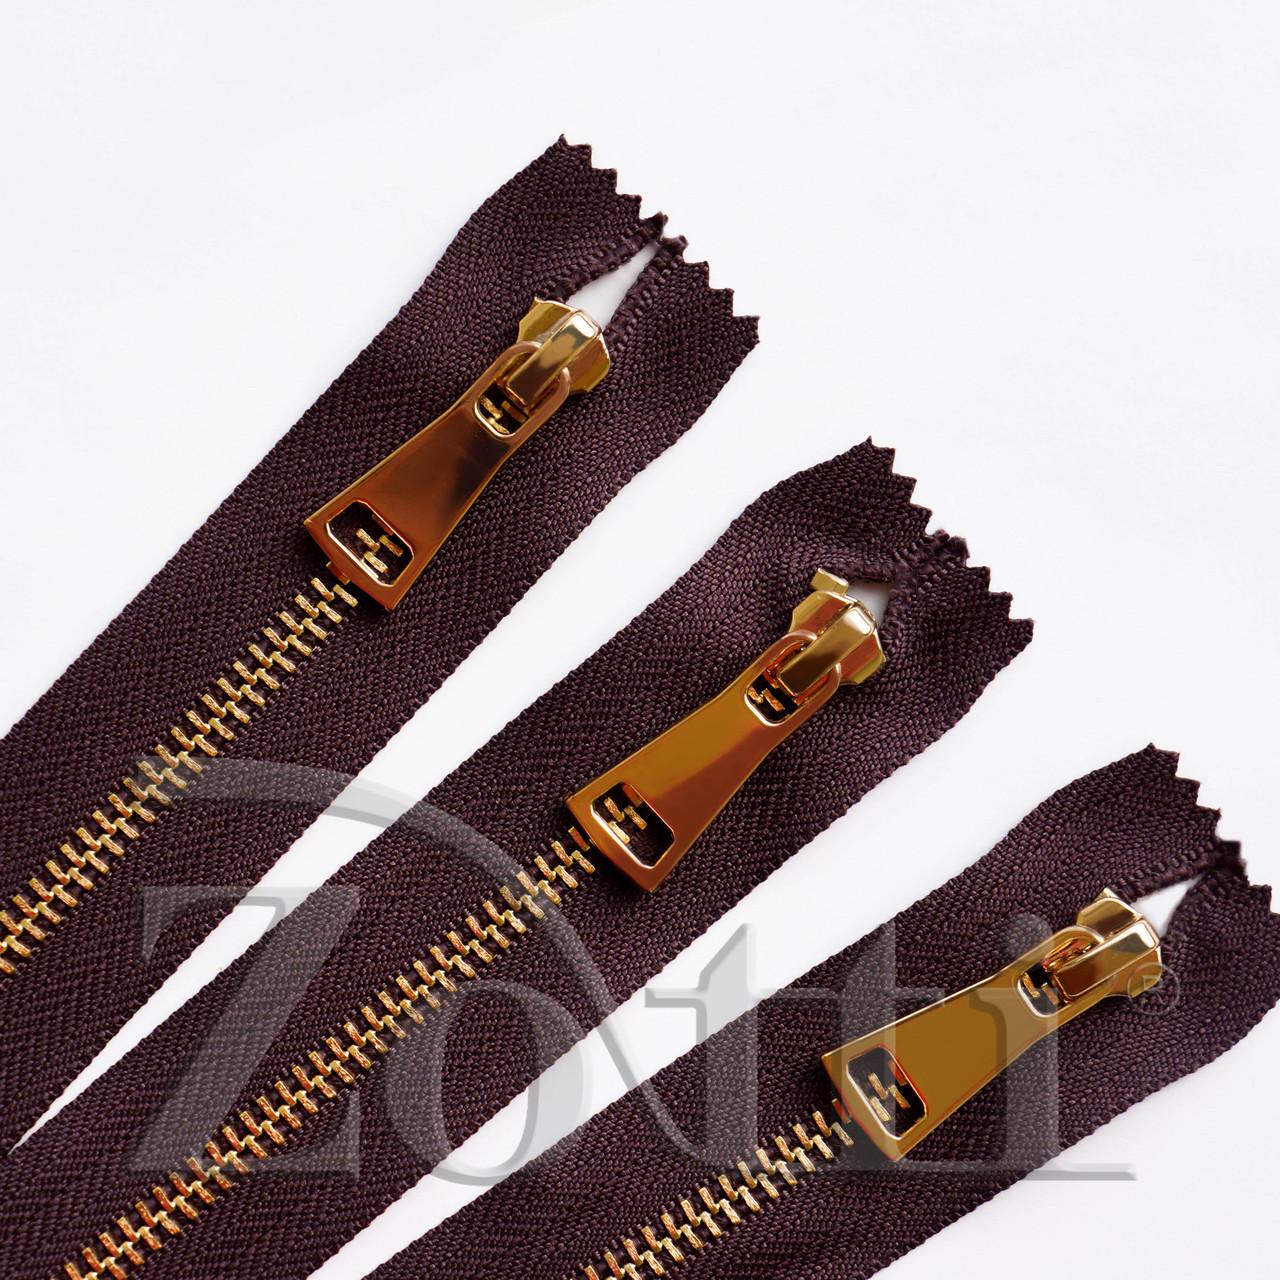 Молния (змейка,застежка) металлическая №5, размерная, обувная, коричневая, с золотым бегунком № 115 - 11 см